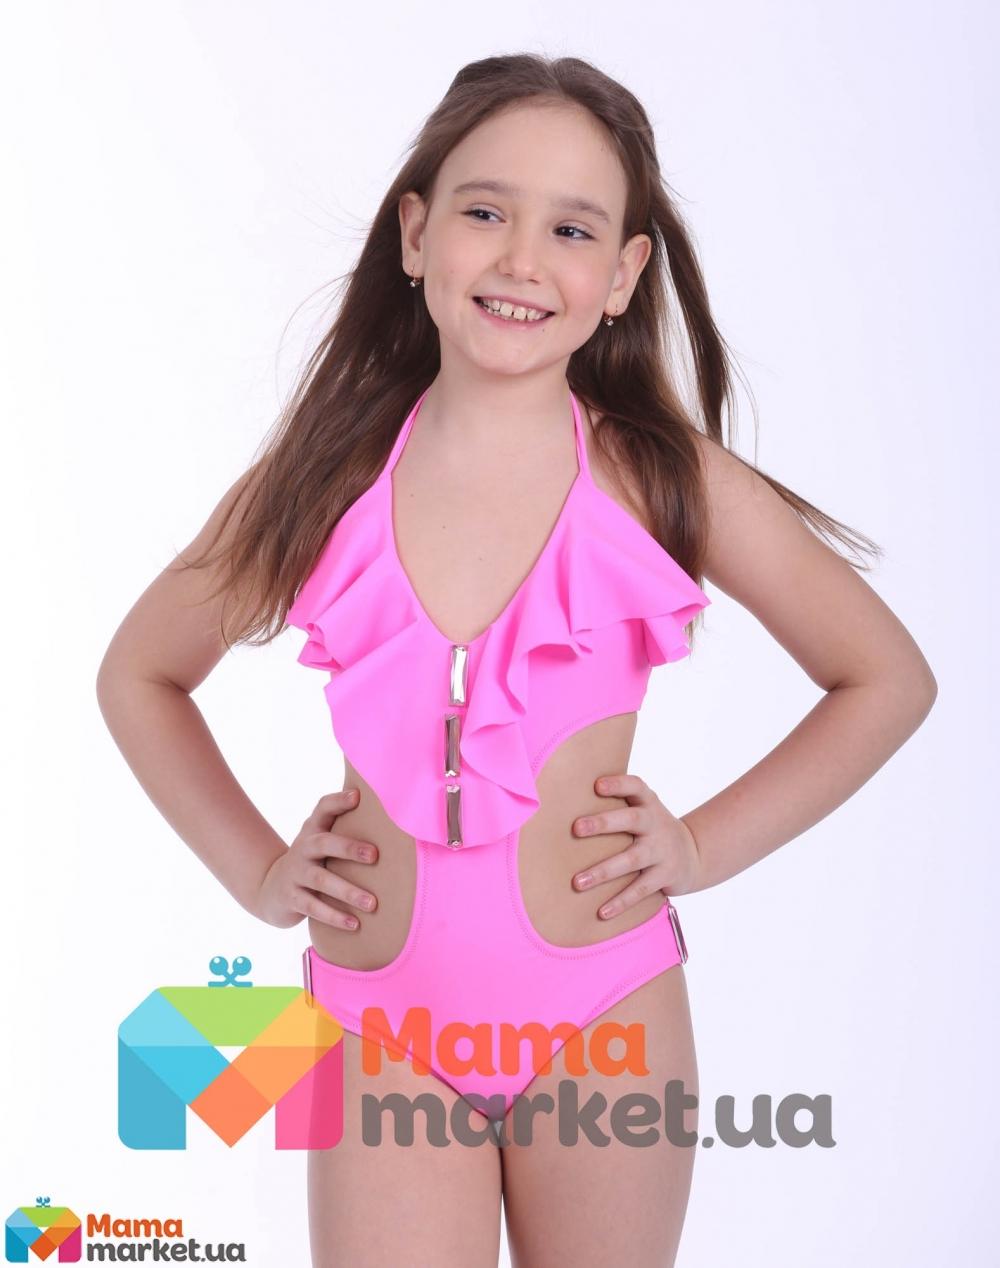 Фото девочки модели в купальниках